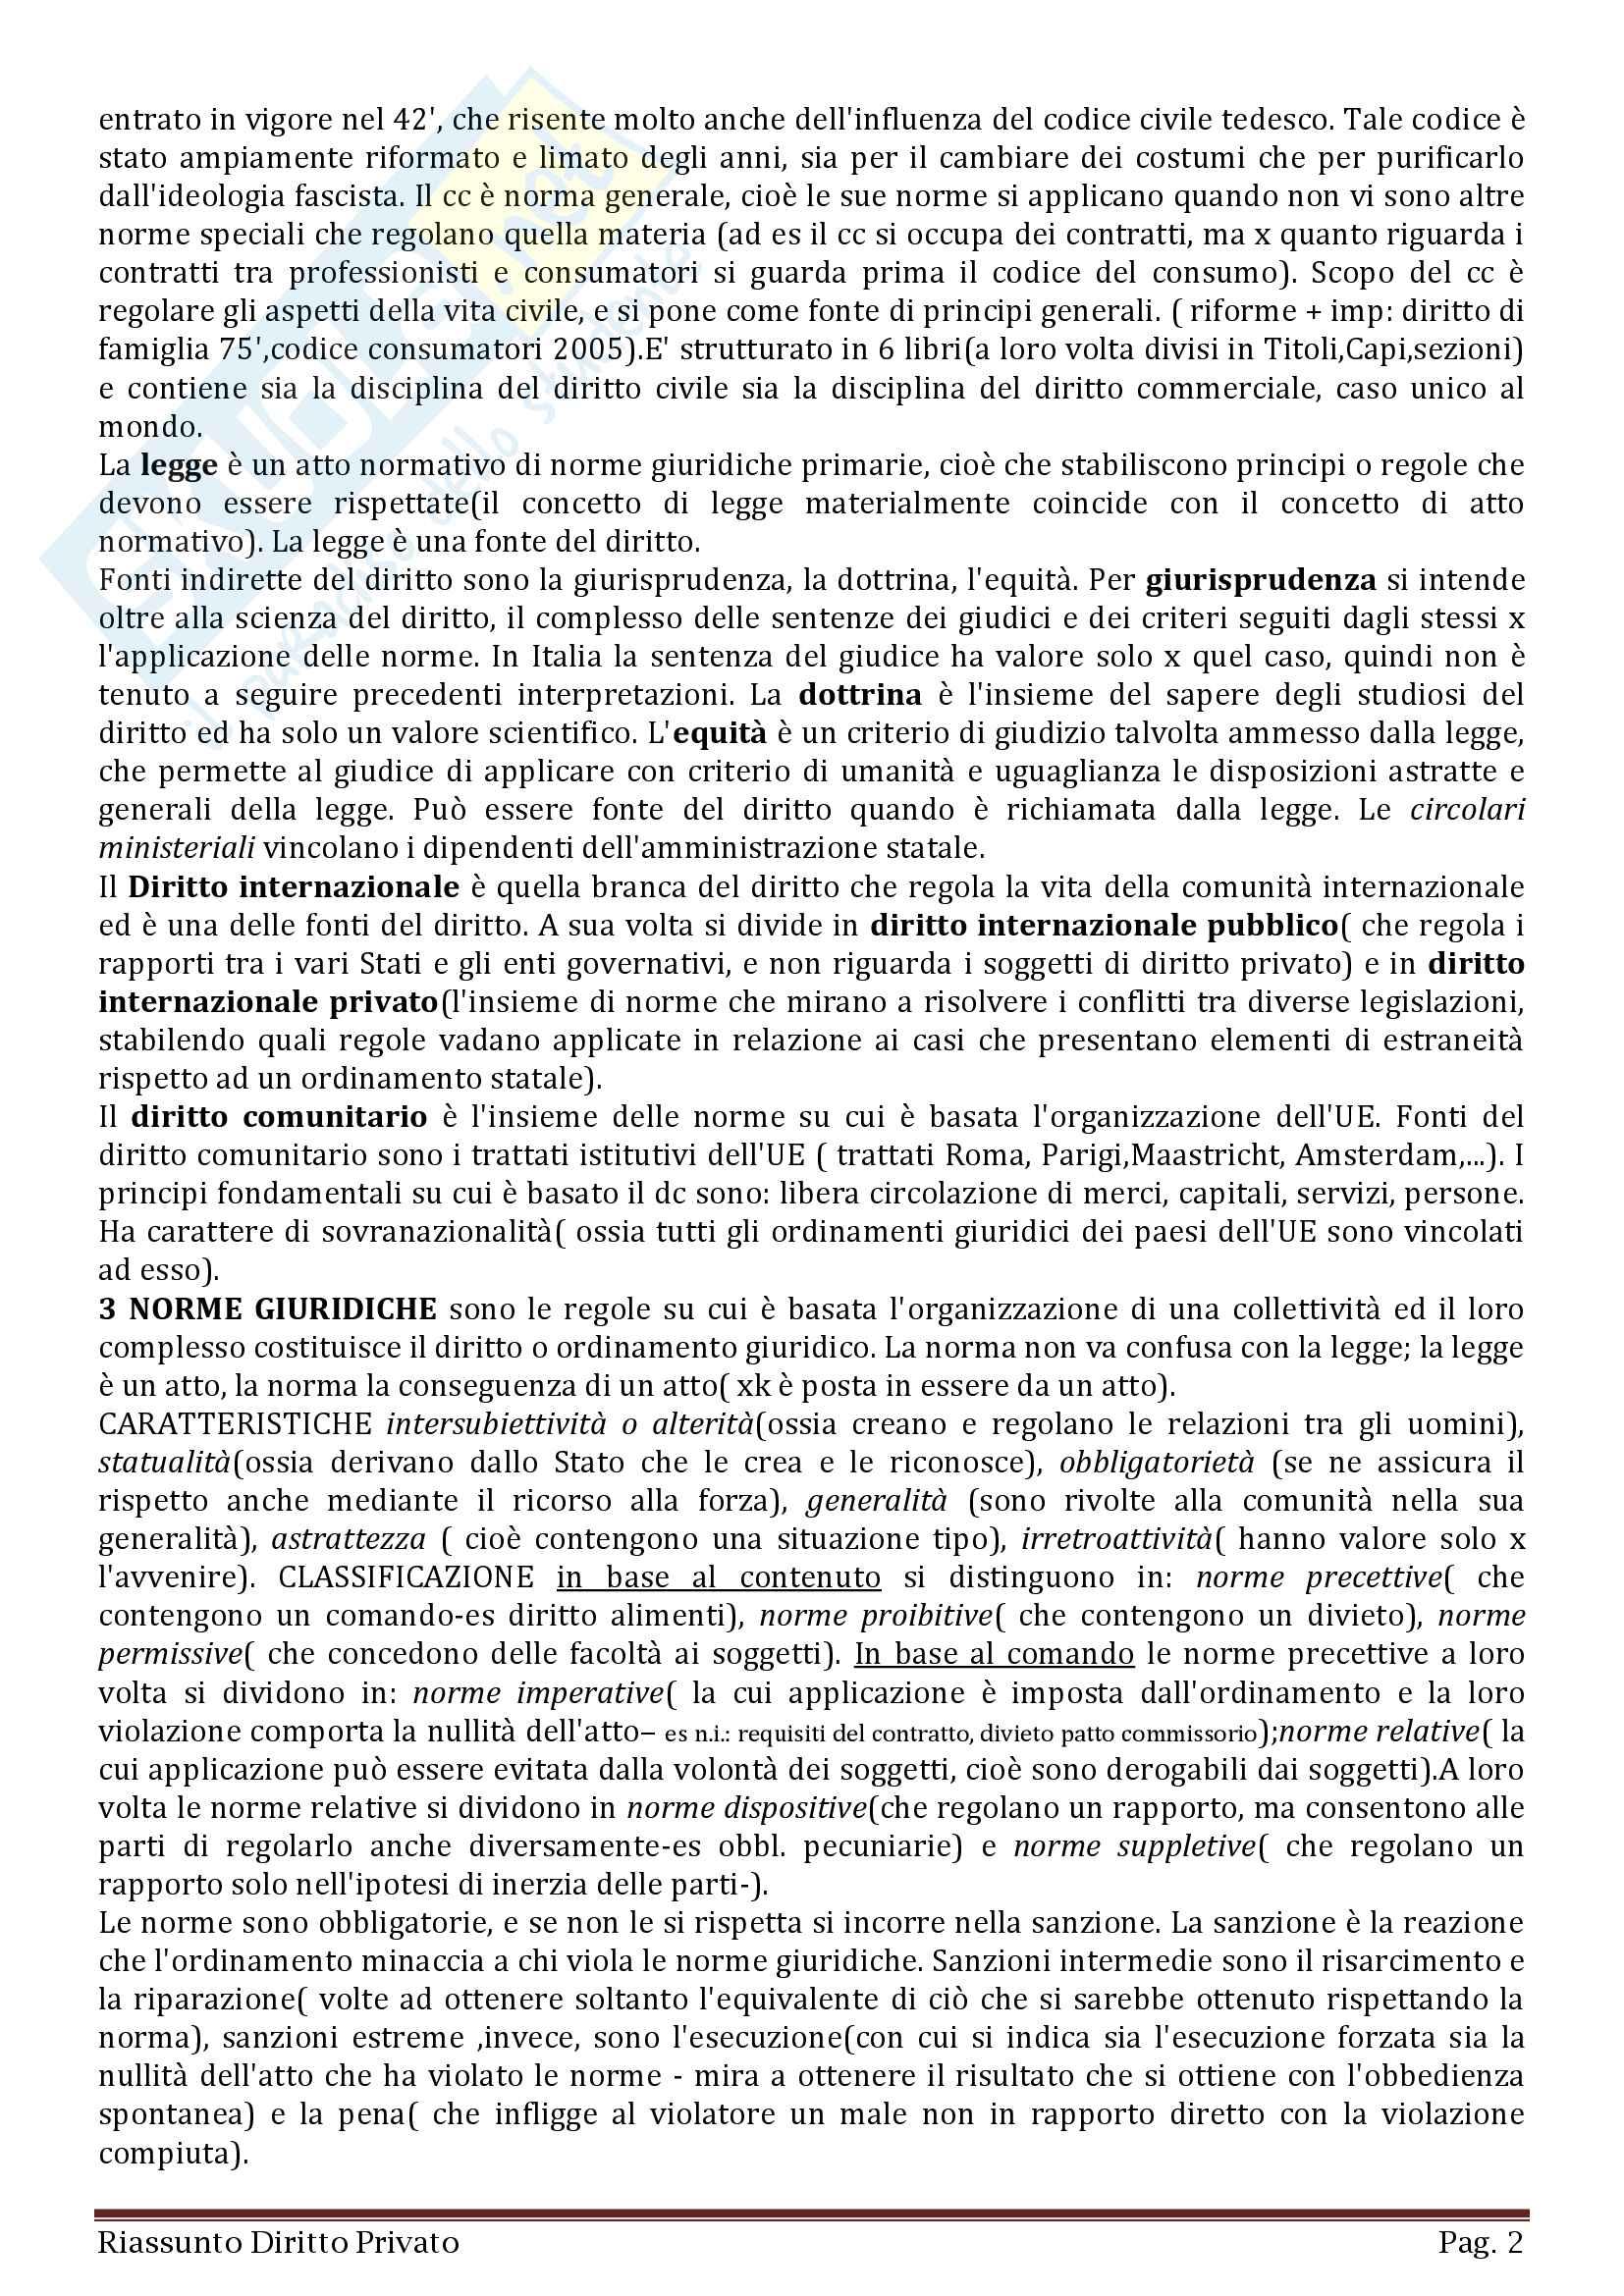 Diritto privato in 93 pagine, Appunti completi, chiari e schematici Pag. 2